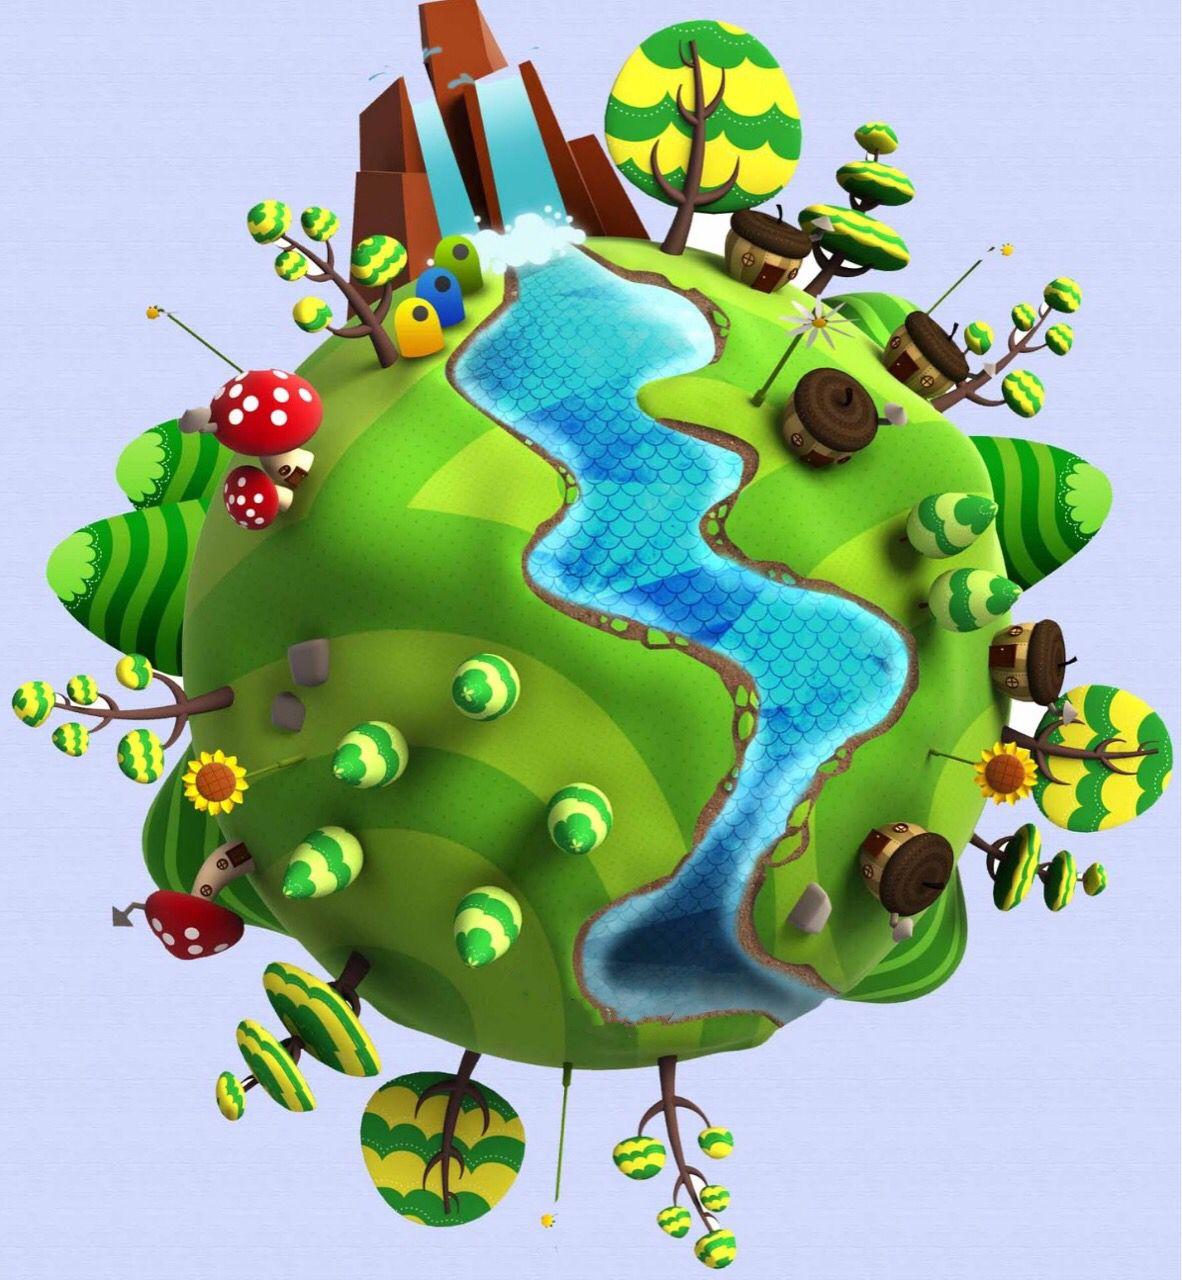 3 La Tierra Con Arboles Y Una Cascada Imagenes Del Medio Ambiente Dia Del Medio Ambiente Elementos Del Medio Ambiente